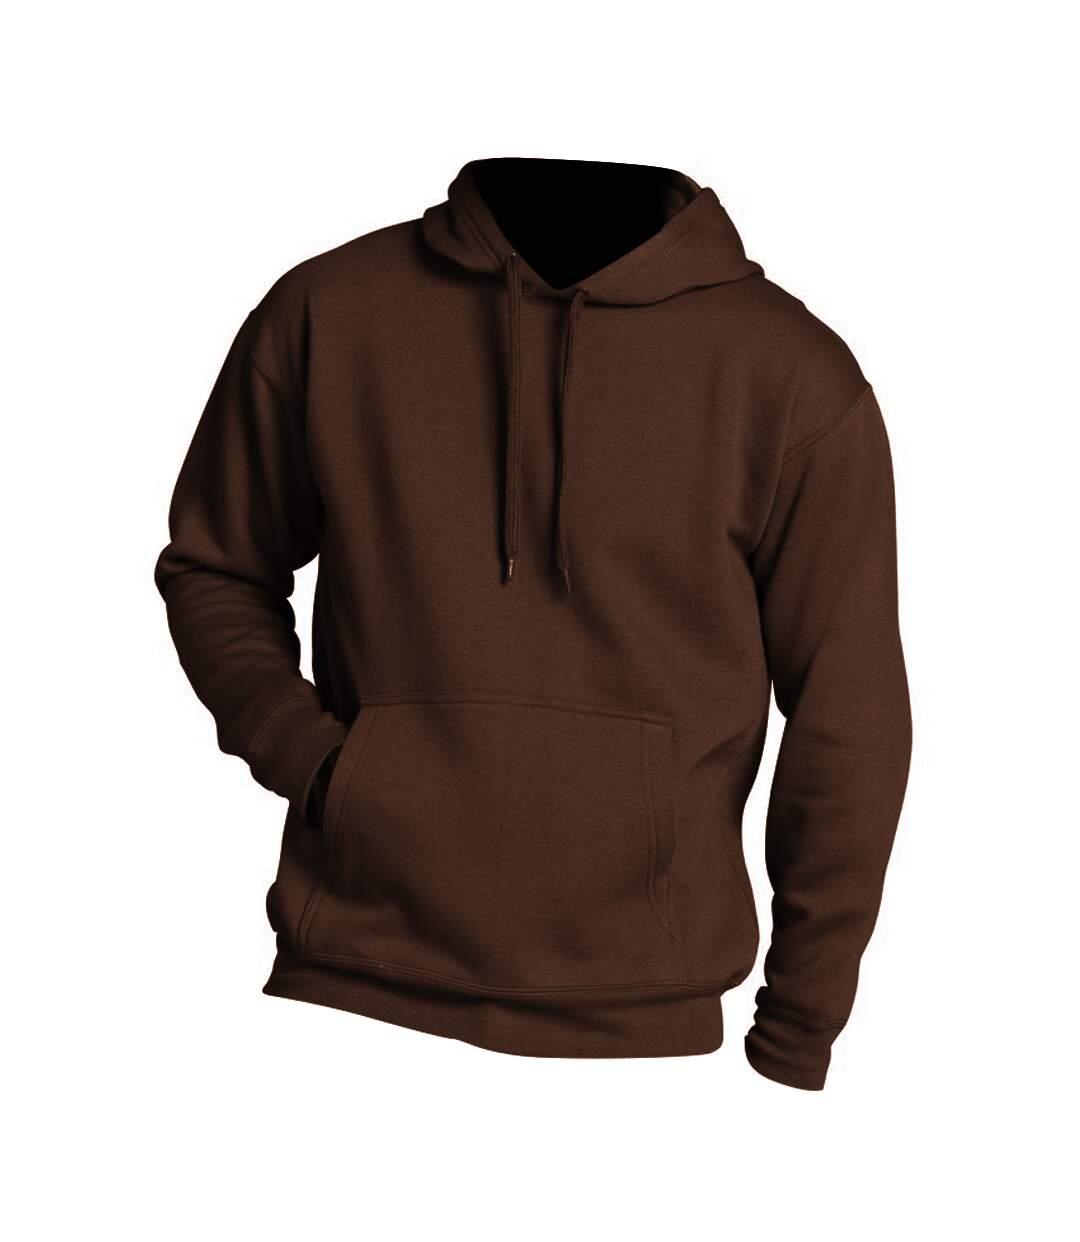 SOLS Slam Unisex Hooded Sweatshirt / Hoodie (Red) - UTPC381